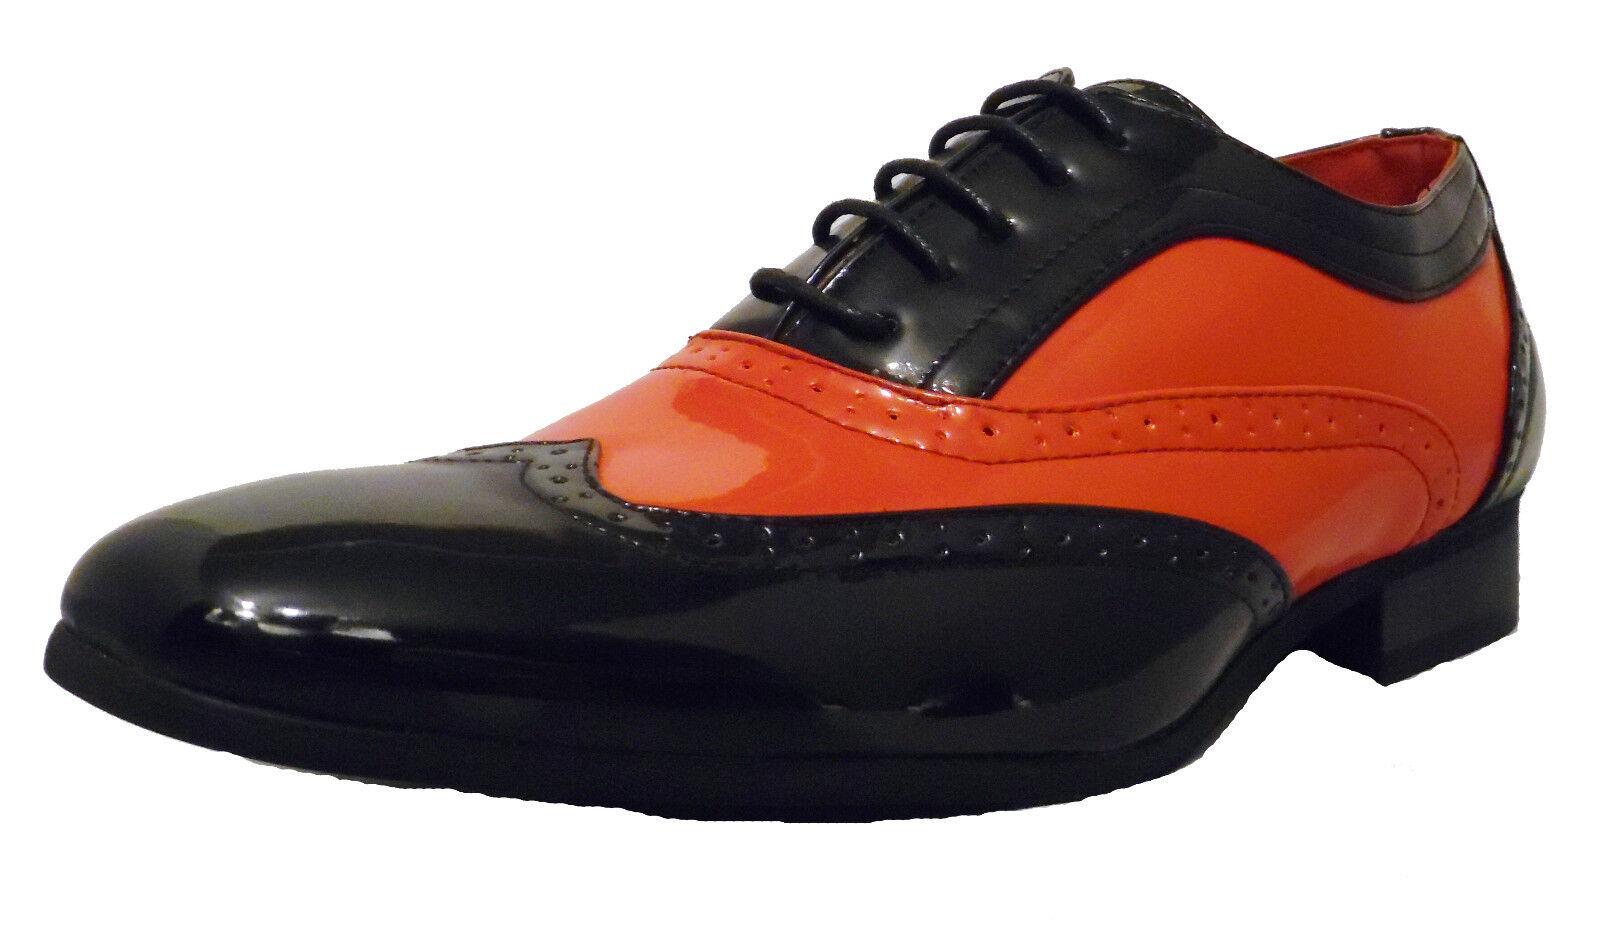 Herren Einlage schwarz und rot Borsalino Leder Einlage Herren Patent Förmlich Hochzeit Schuhe 3bd661